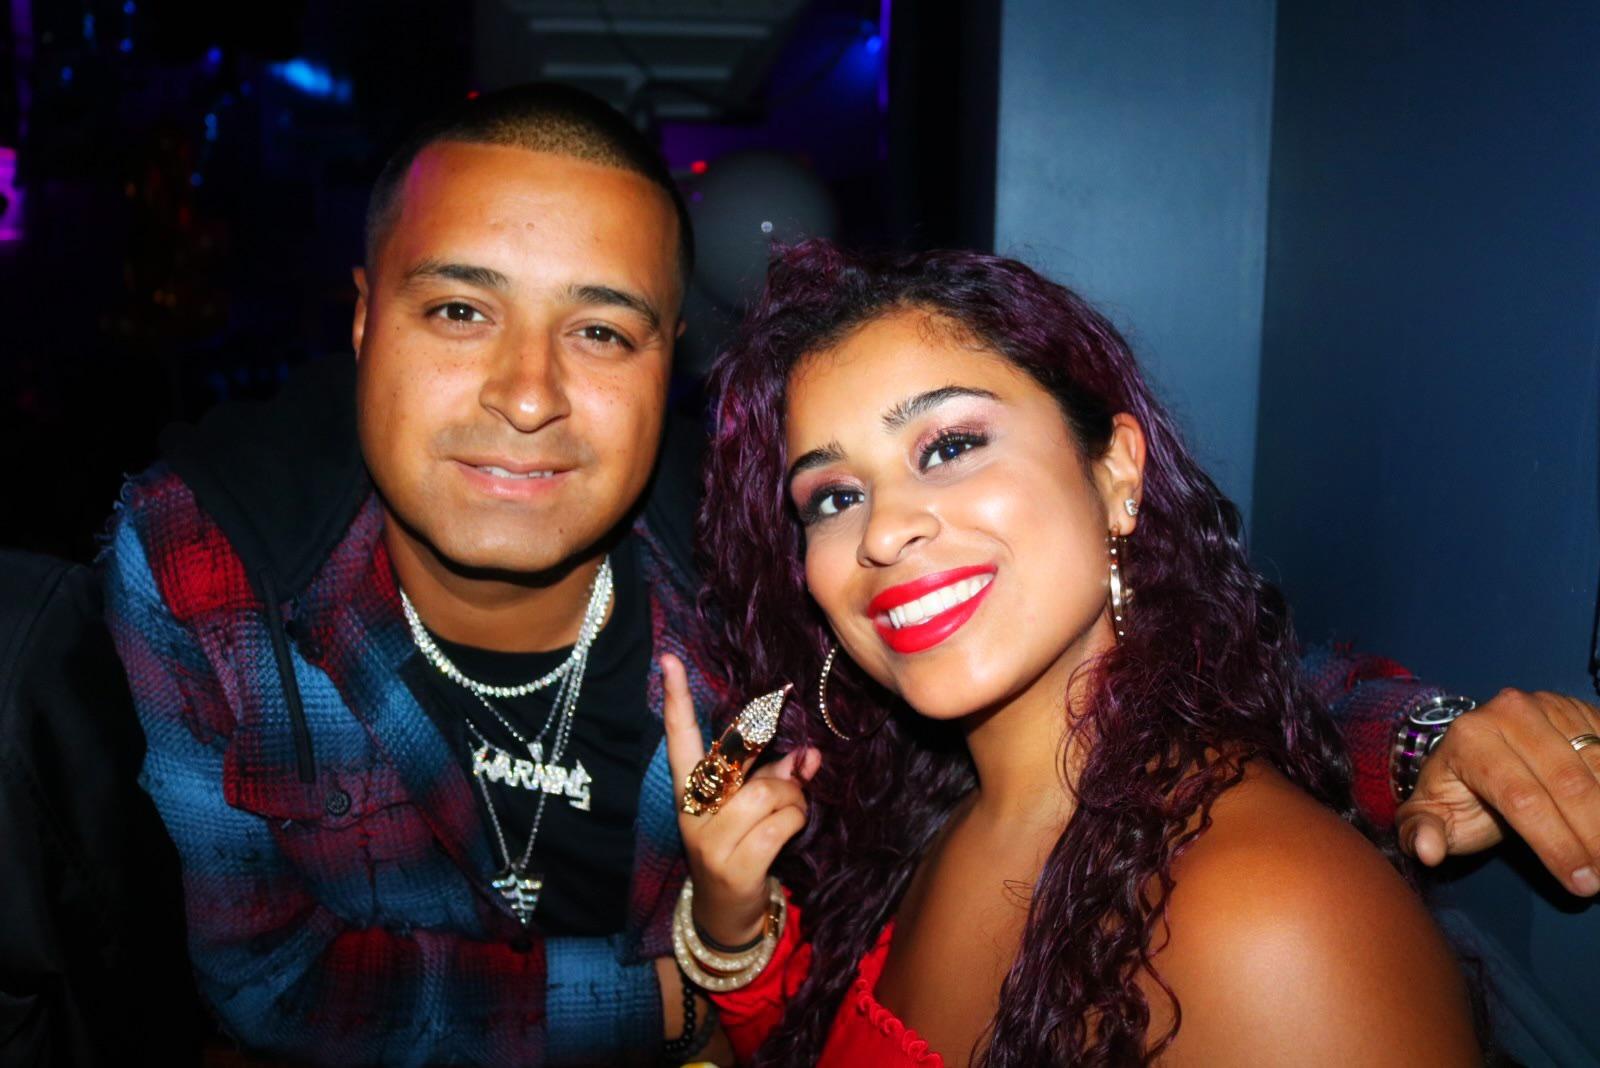 DJ Camilo Camilo